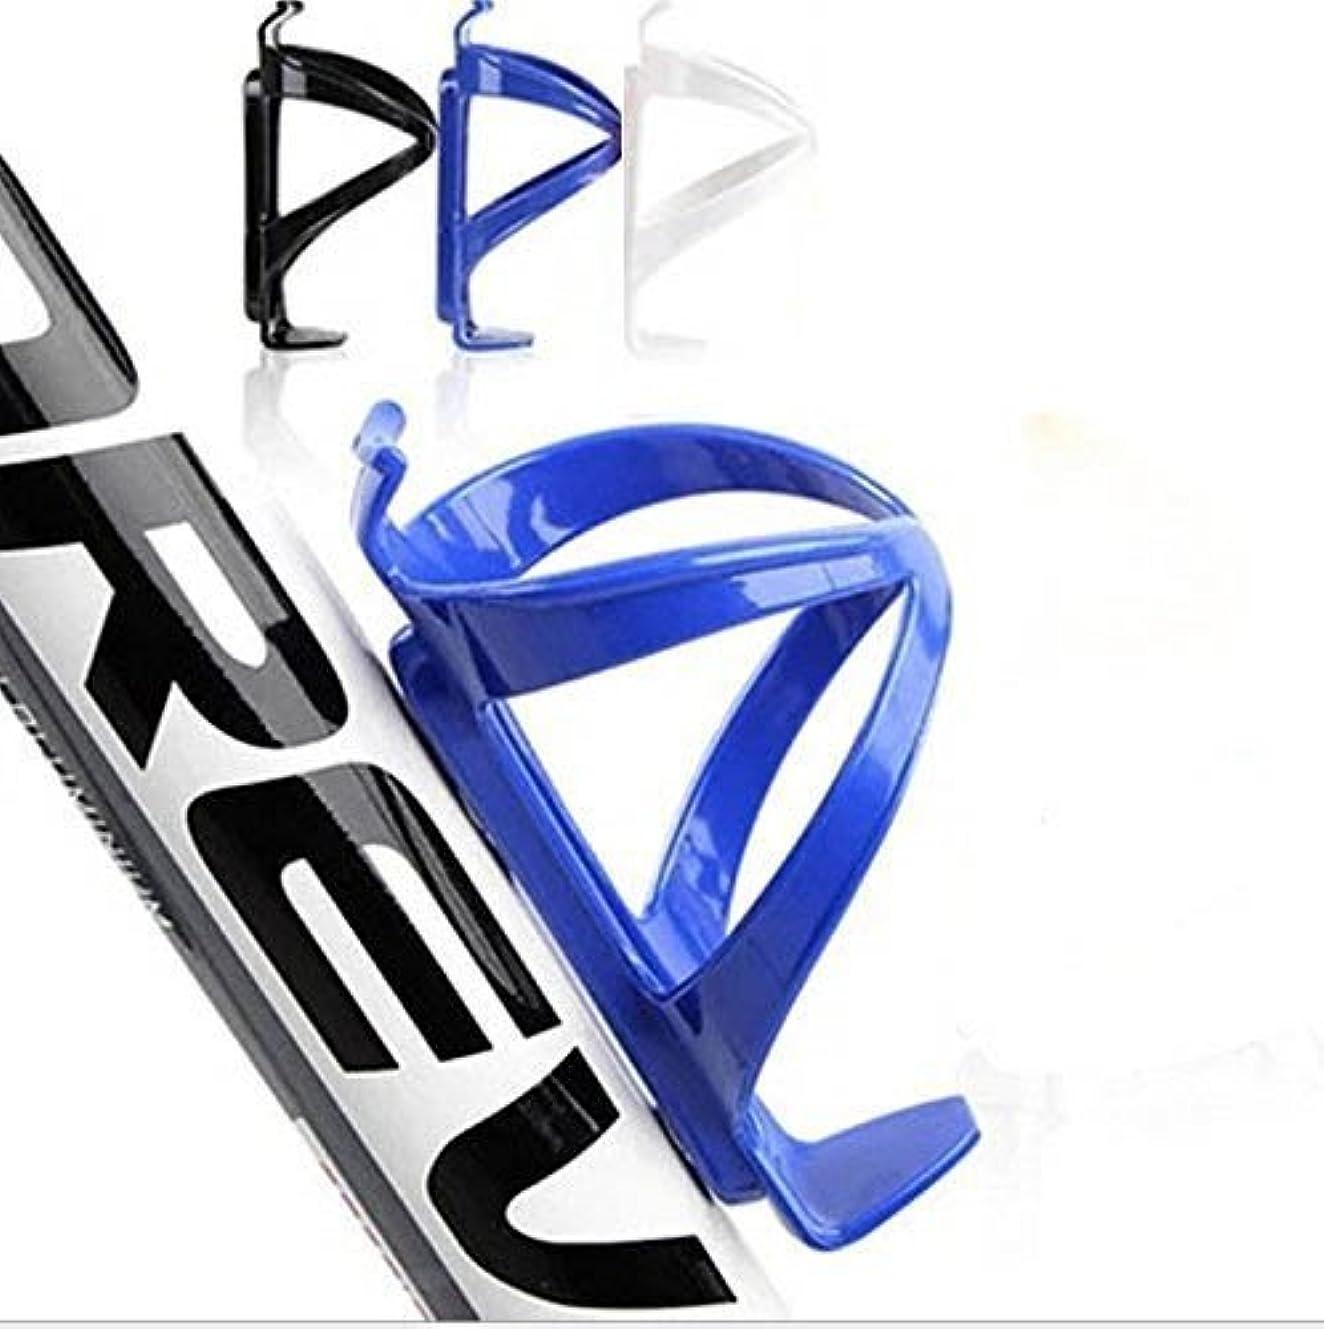 アクセスできない集中的な昇るiSKYS Carbon Fibre Bicycle Bottle Holder Cage Rack, Black/White/Blue (Set of 3) by iSKYS